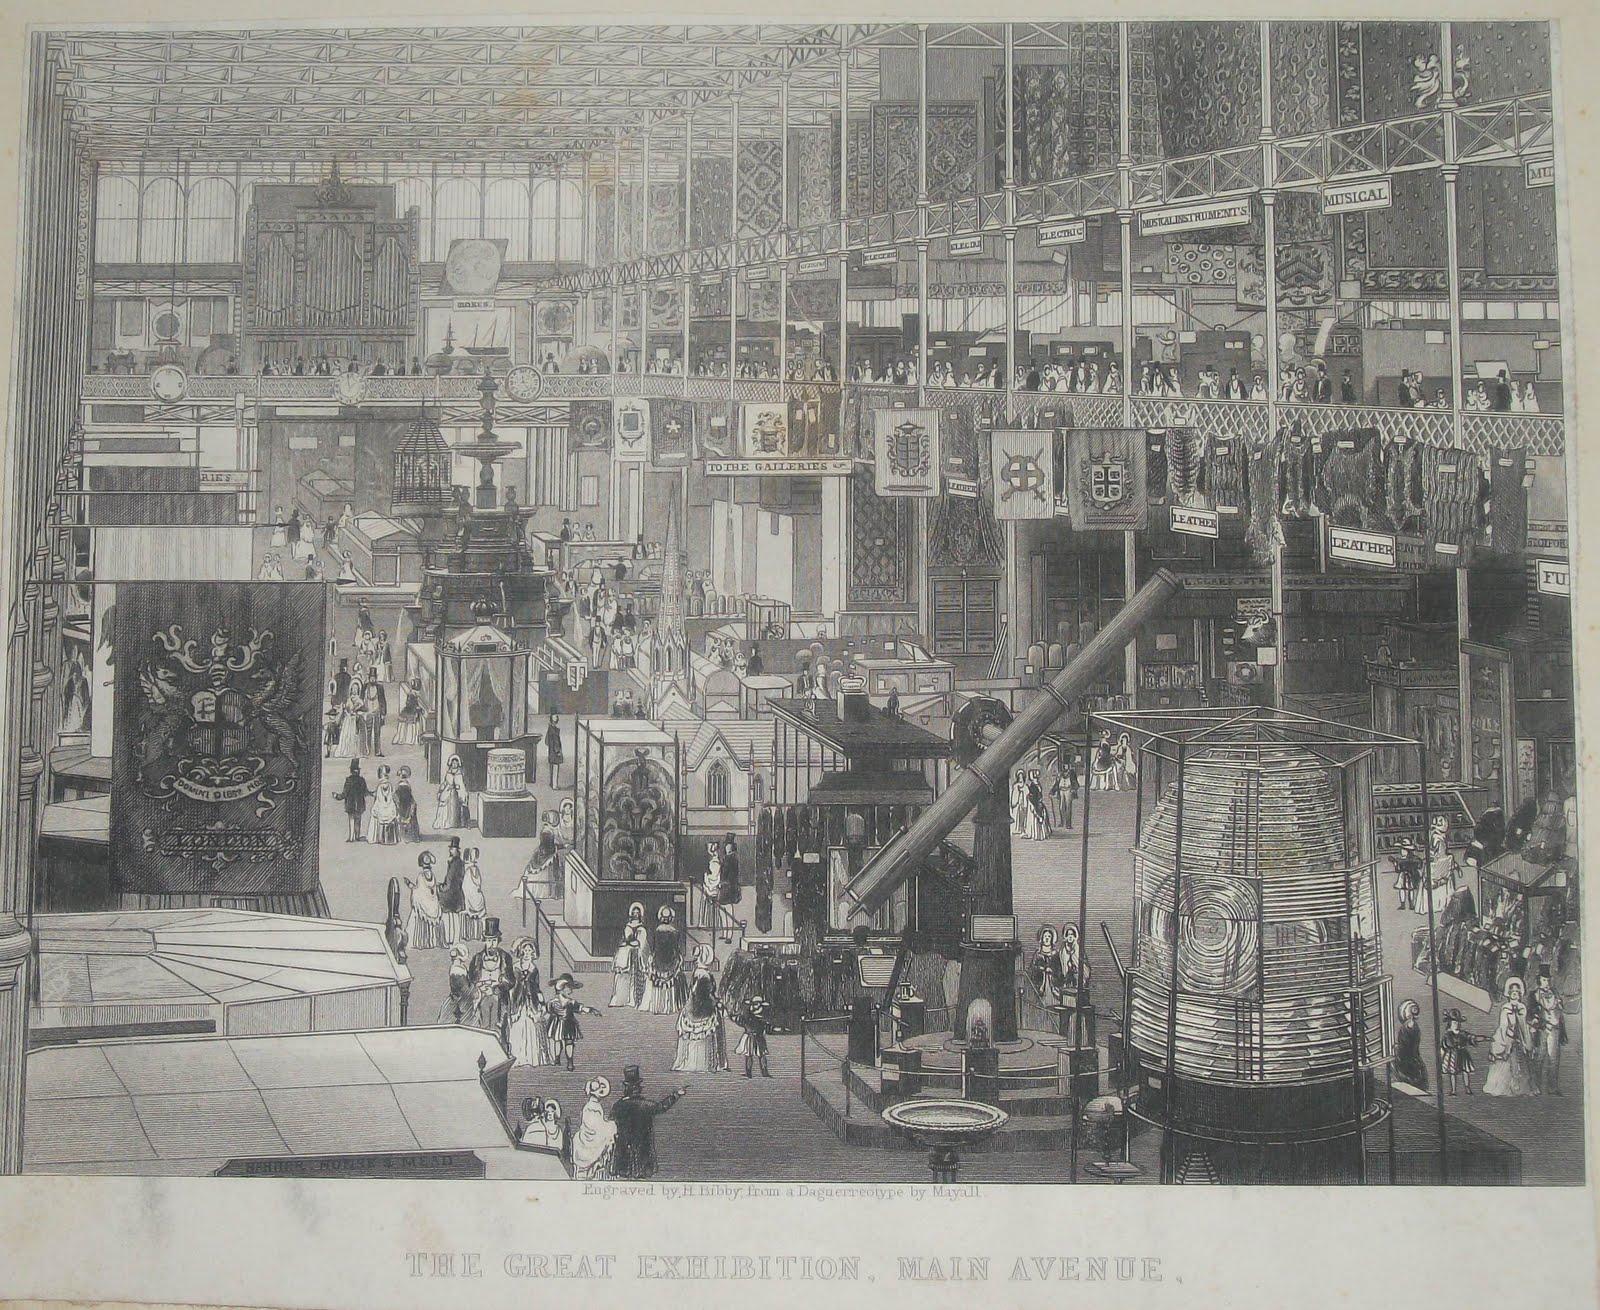 Pasillo principal de la Gran Exposición, una ilustración creada durante el evento a partir de un daguerrotipo